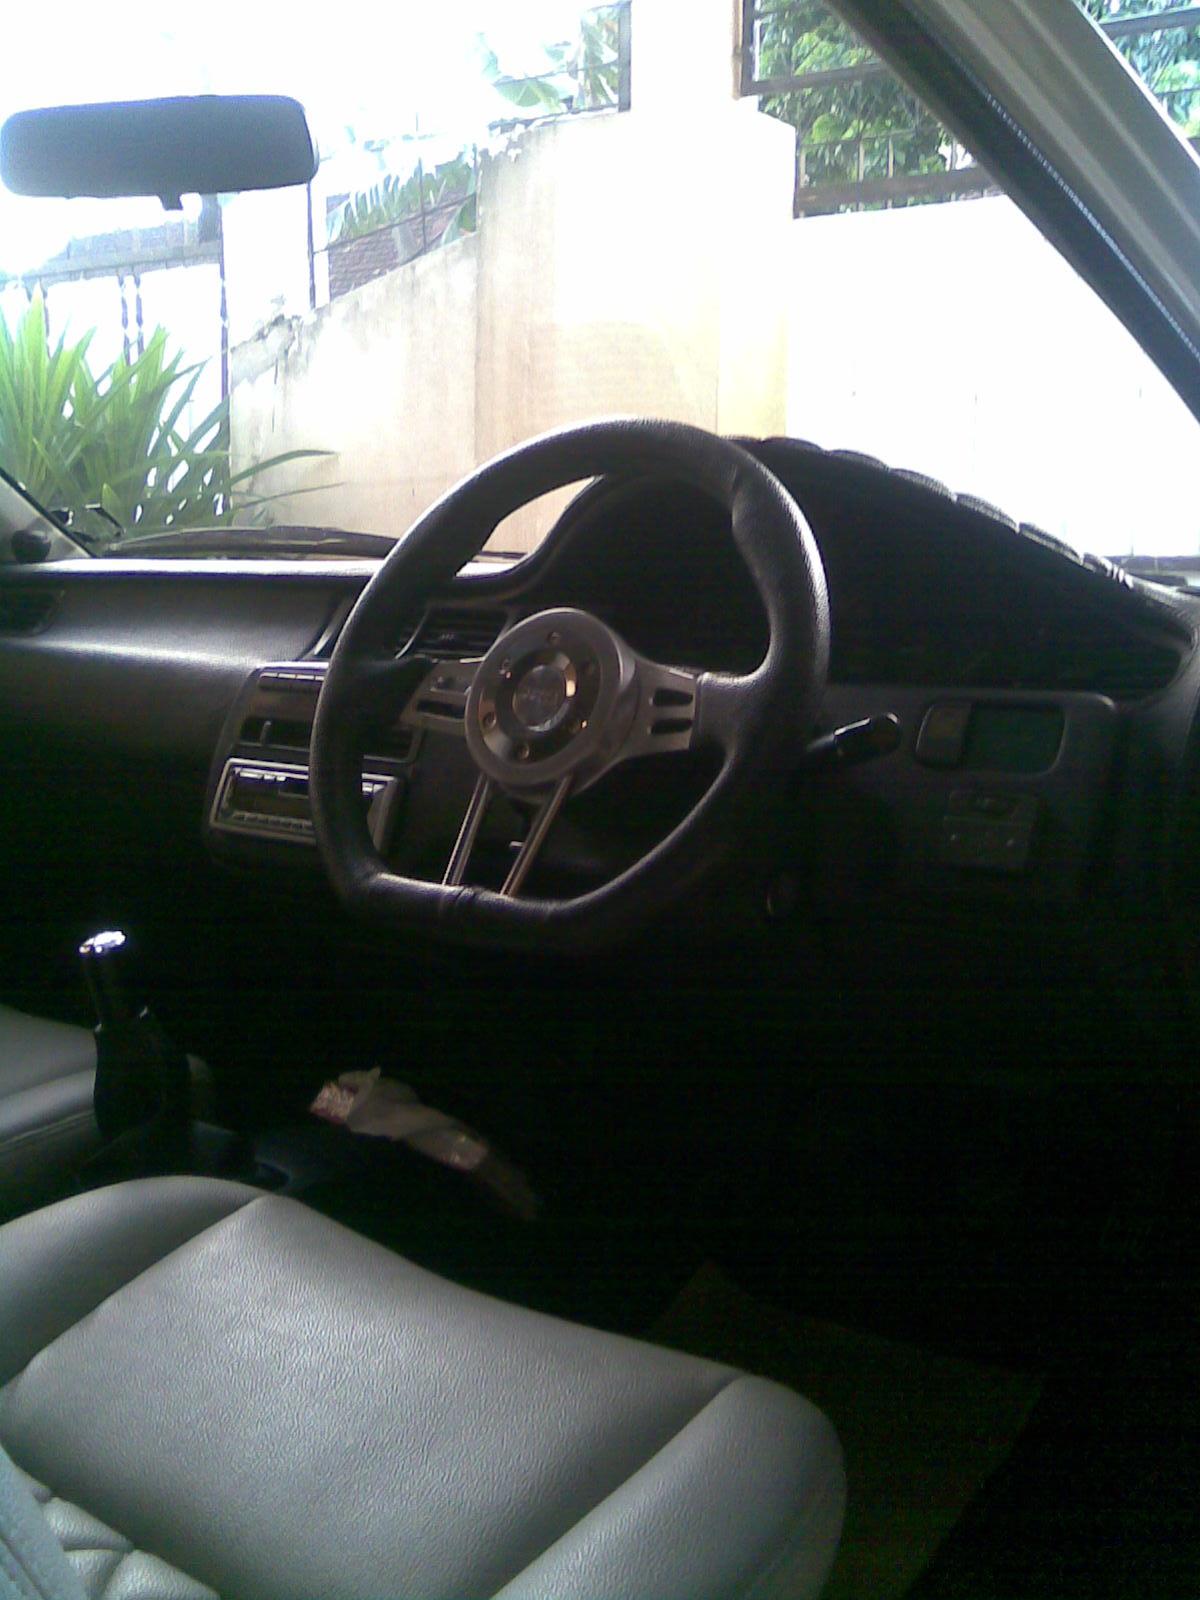 jual mobil bekas di malang dan sekitarnya.: dijual. mobil honda